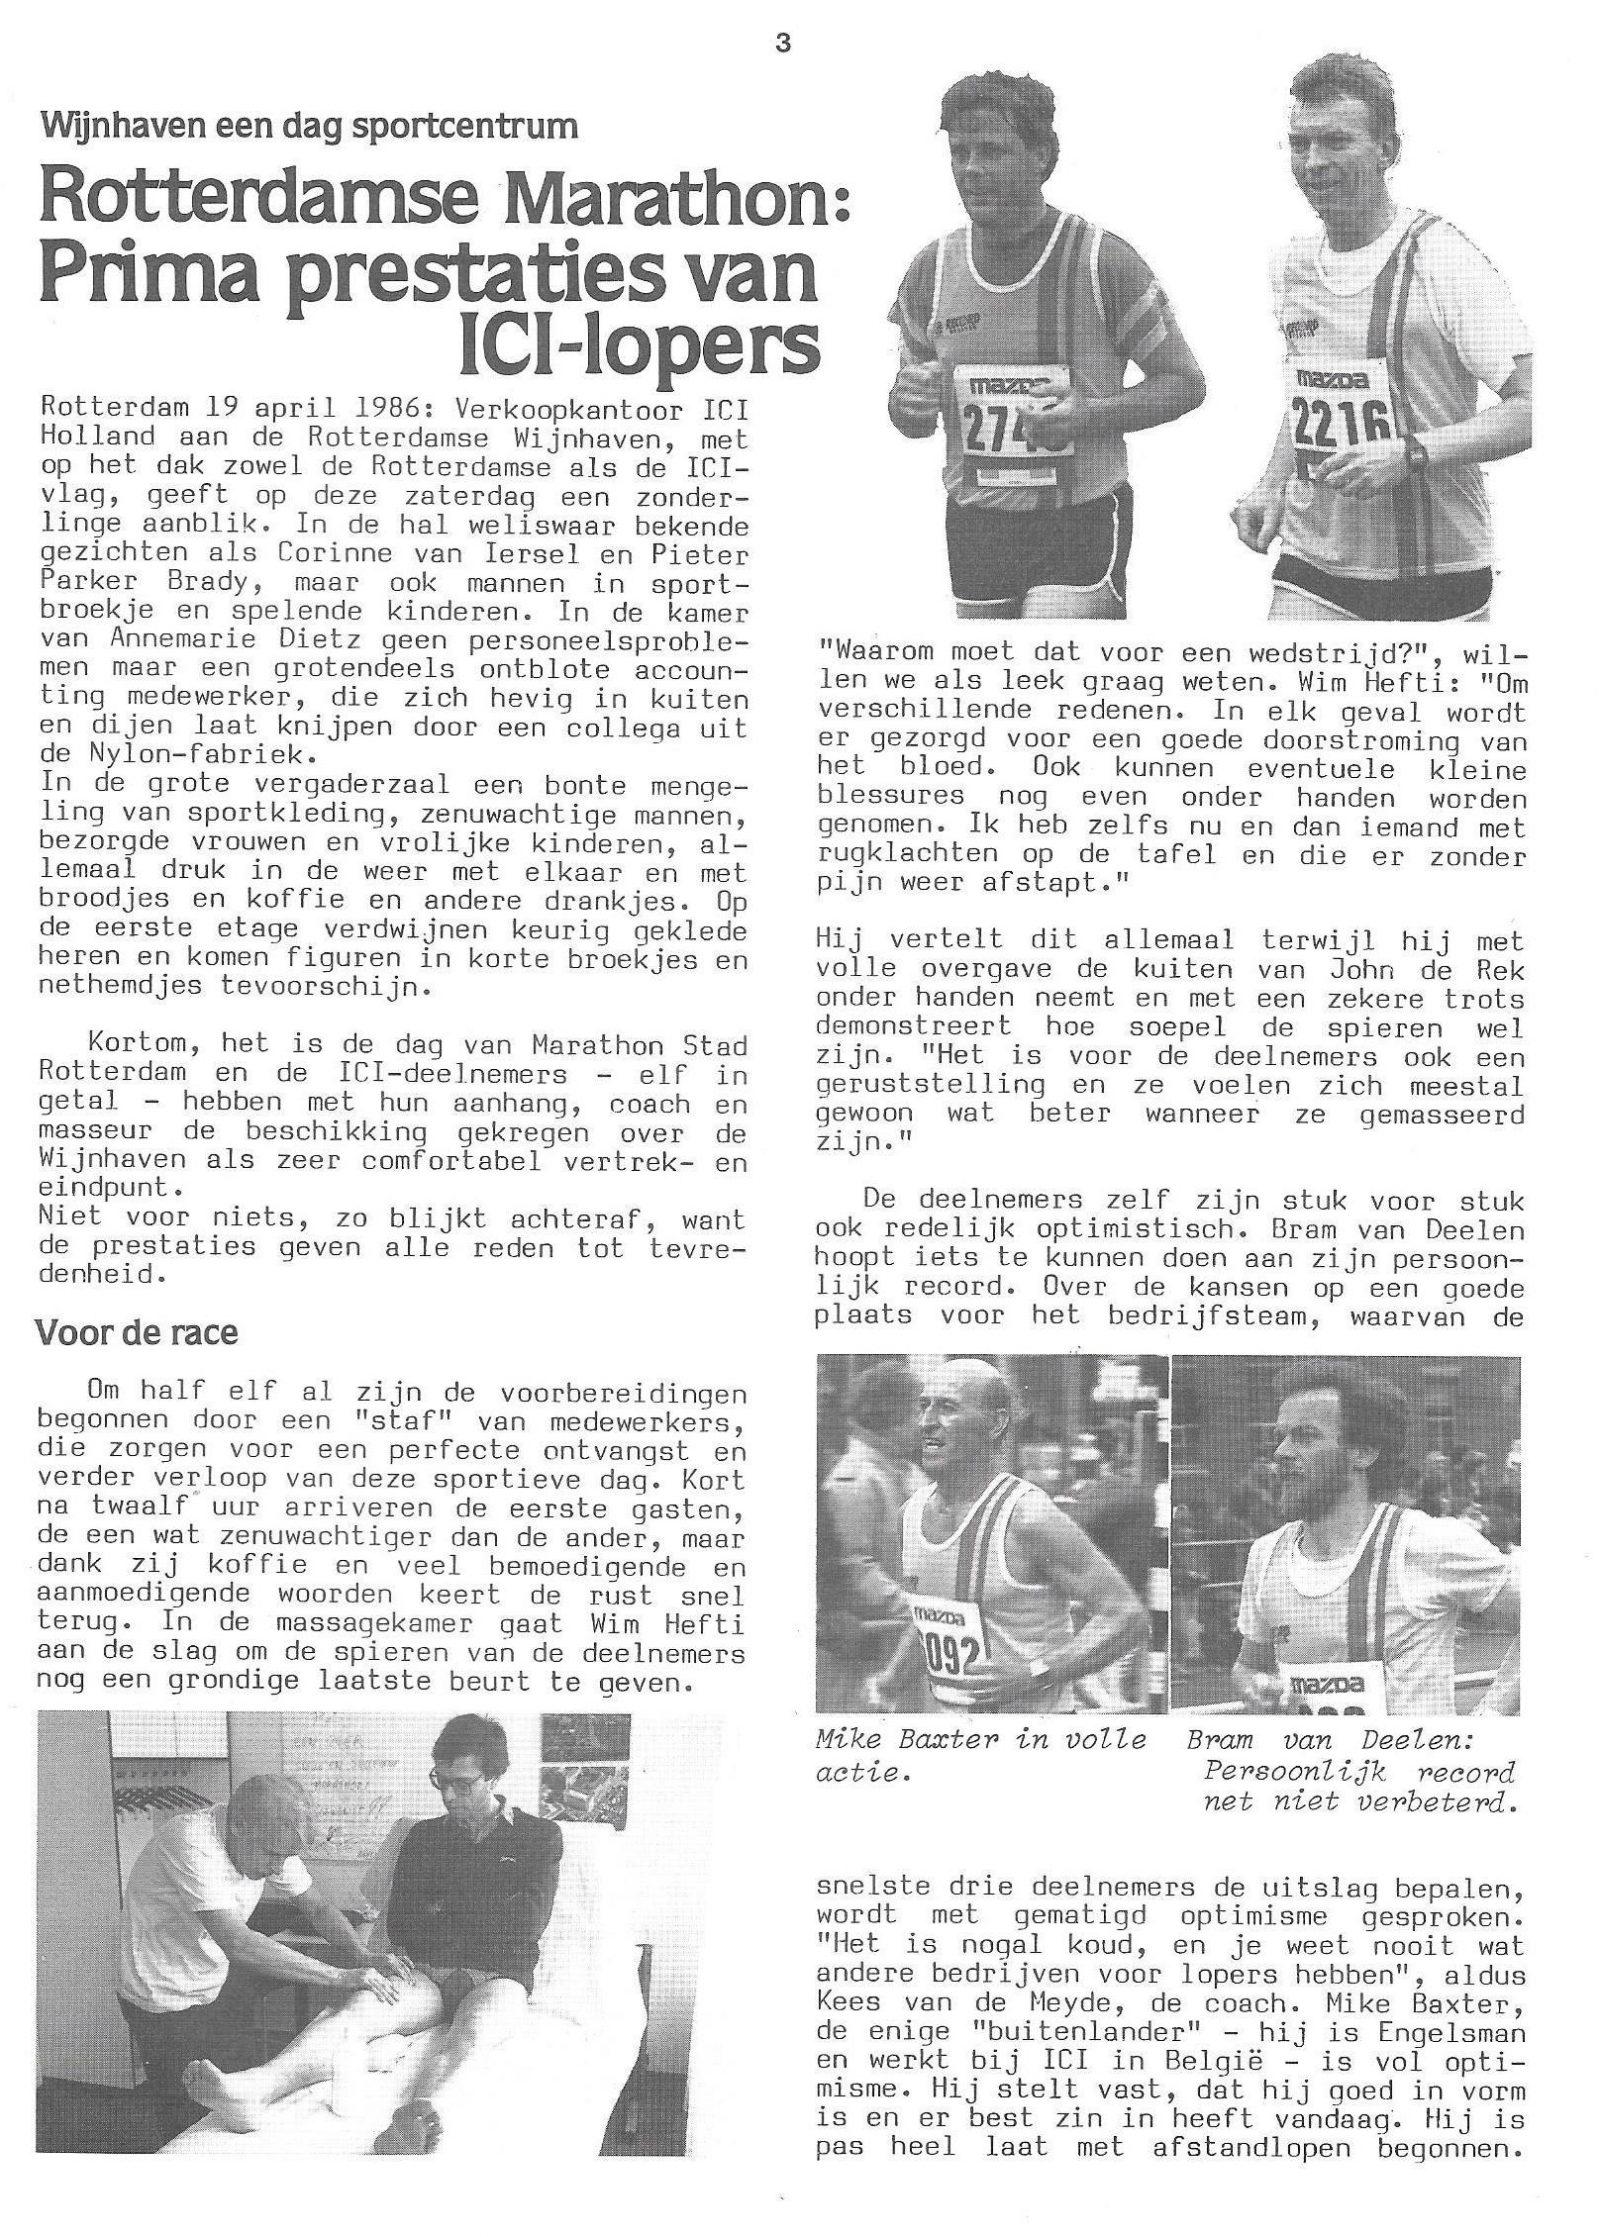 Spreekbuis apr 1986 Wijnhaven als sportcentrum Marathon